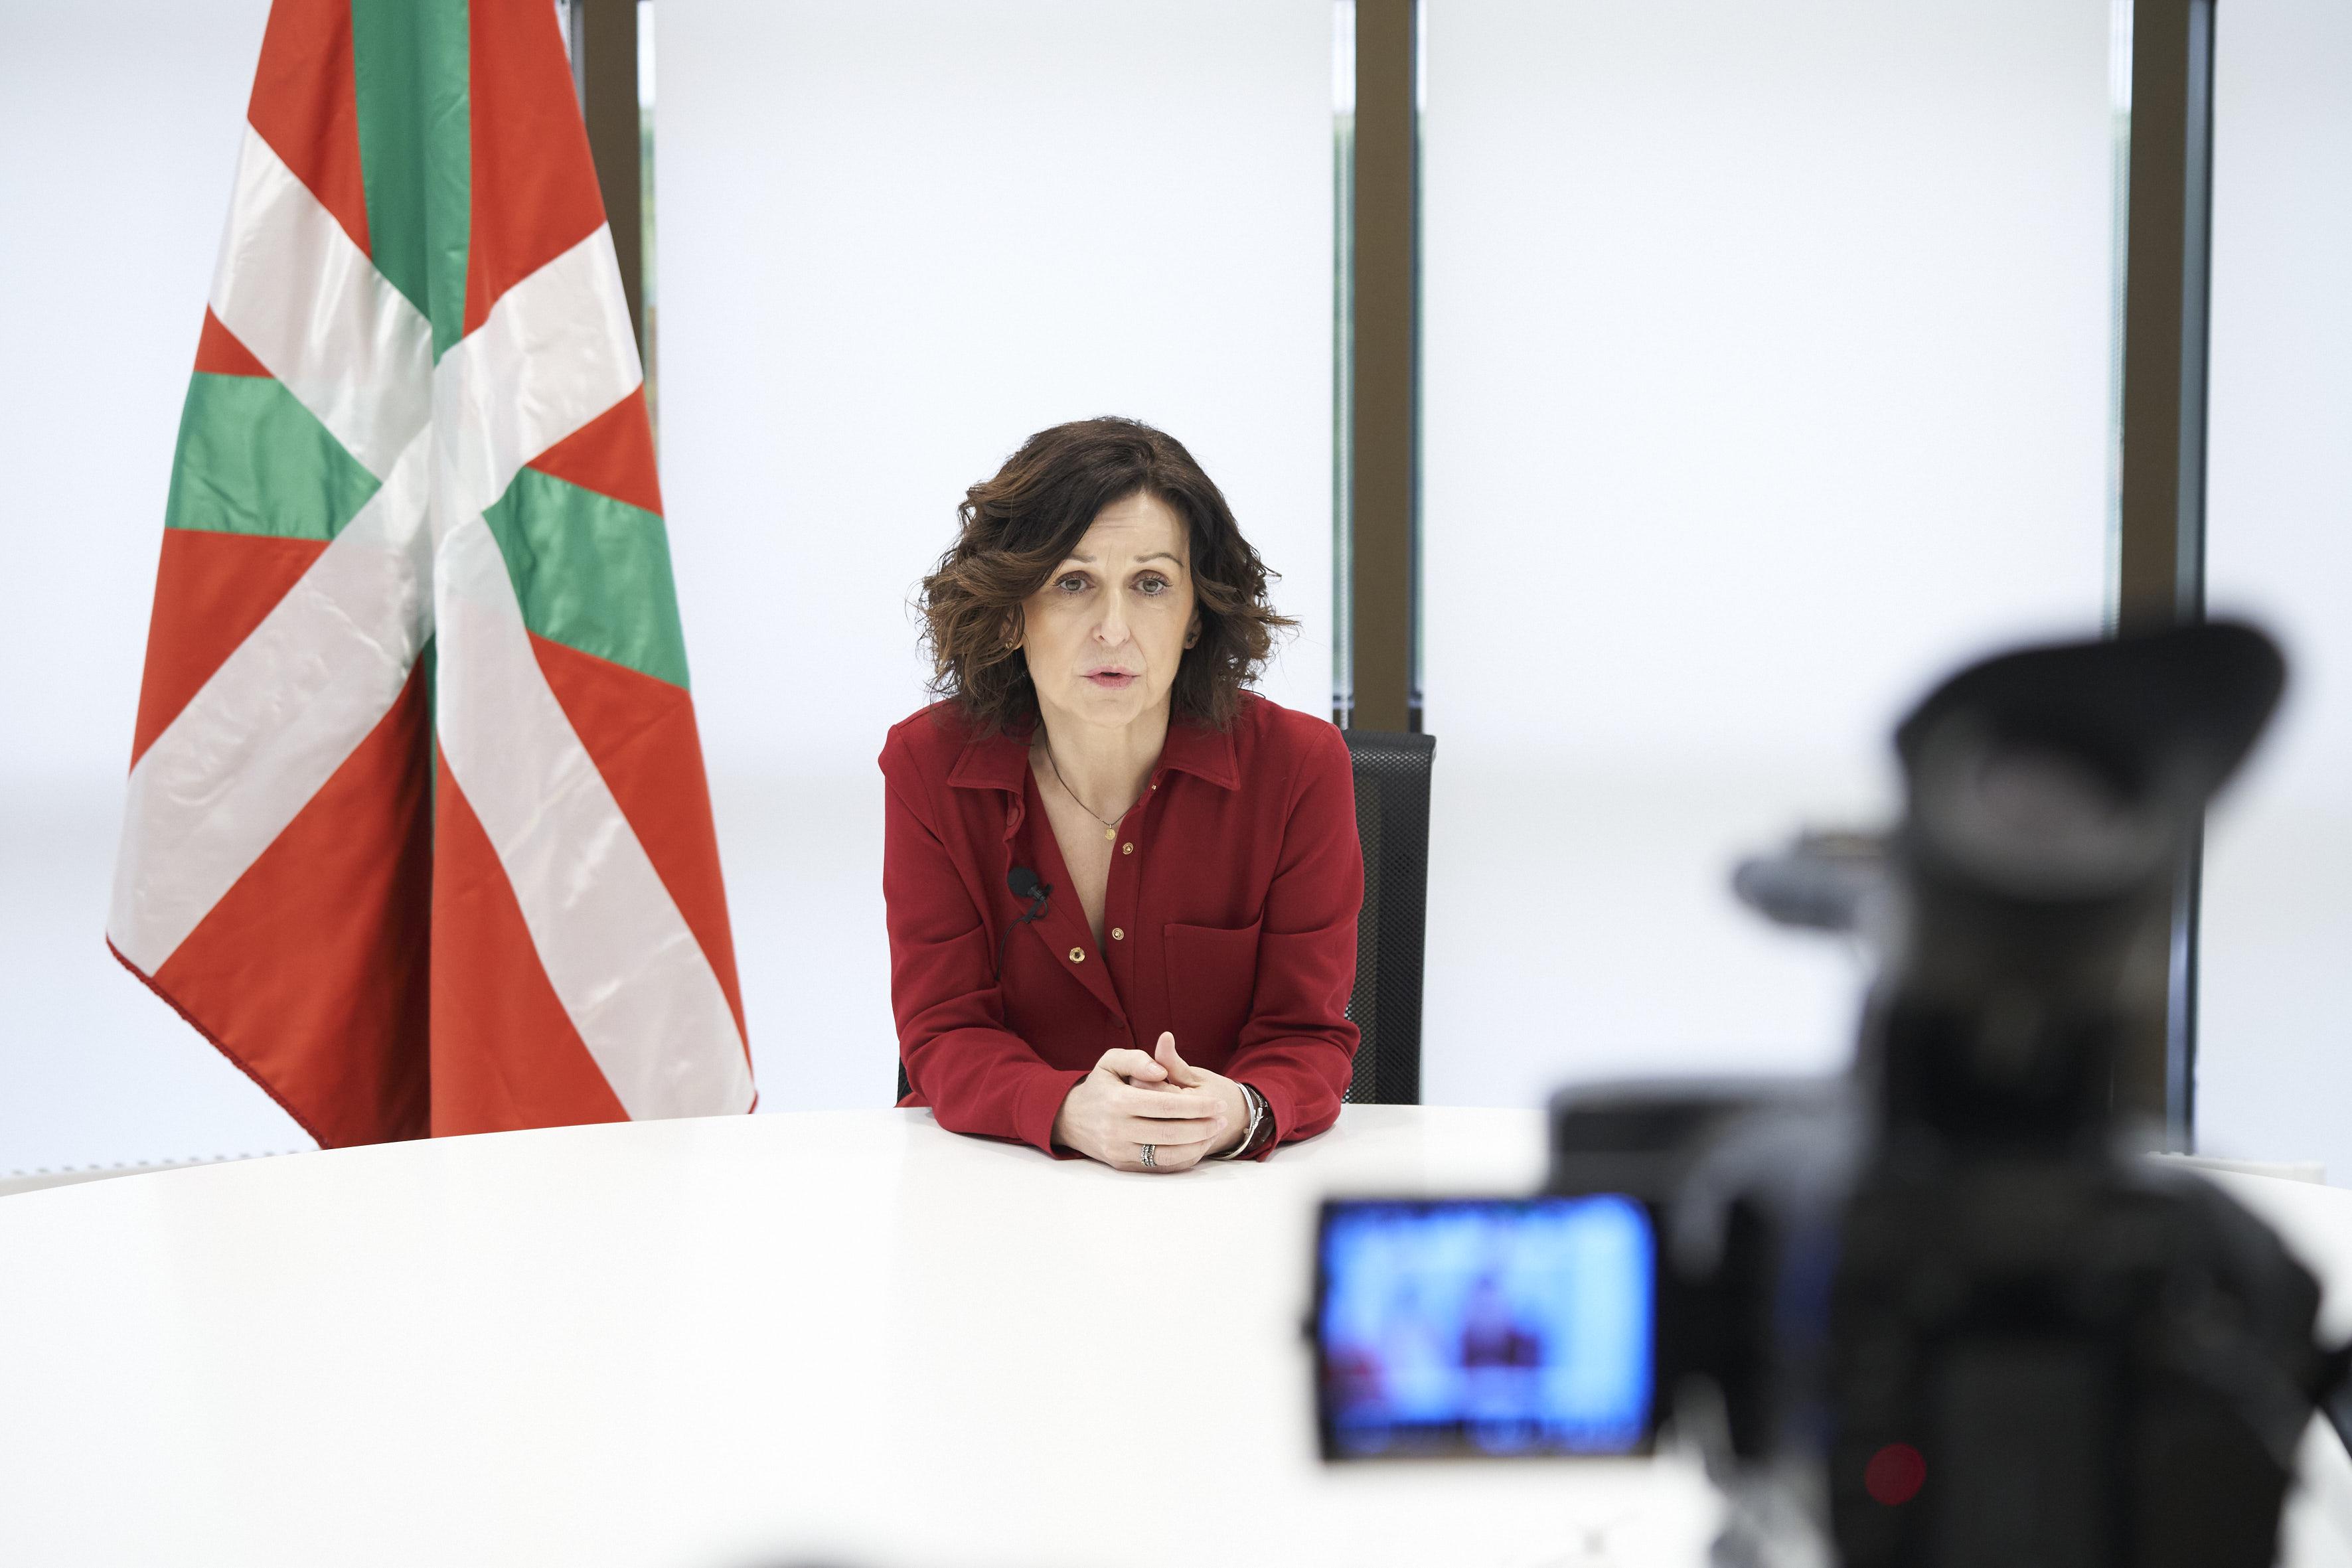 430 lagun jarri dira Eusko Jaurlaritzarekin harremanetan; horietatik 268 itzuli dira dagoeneko Euskadira, eta 23k geratzea erabaki dute